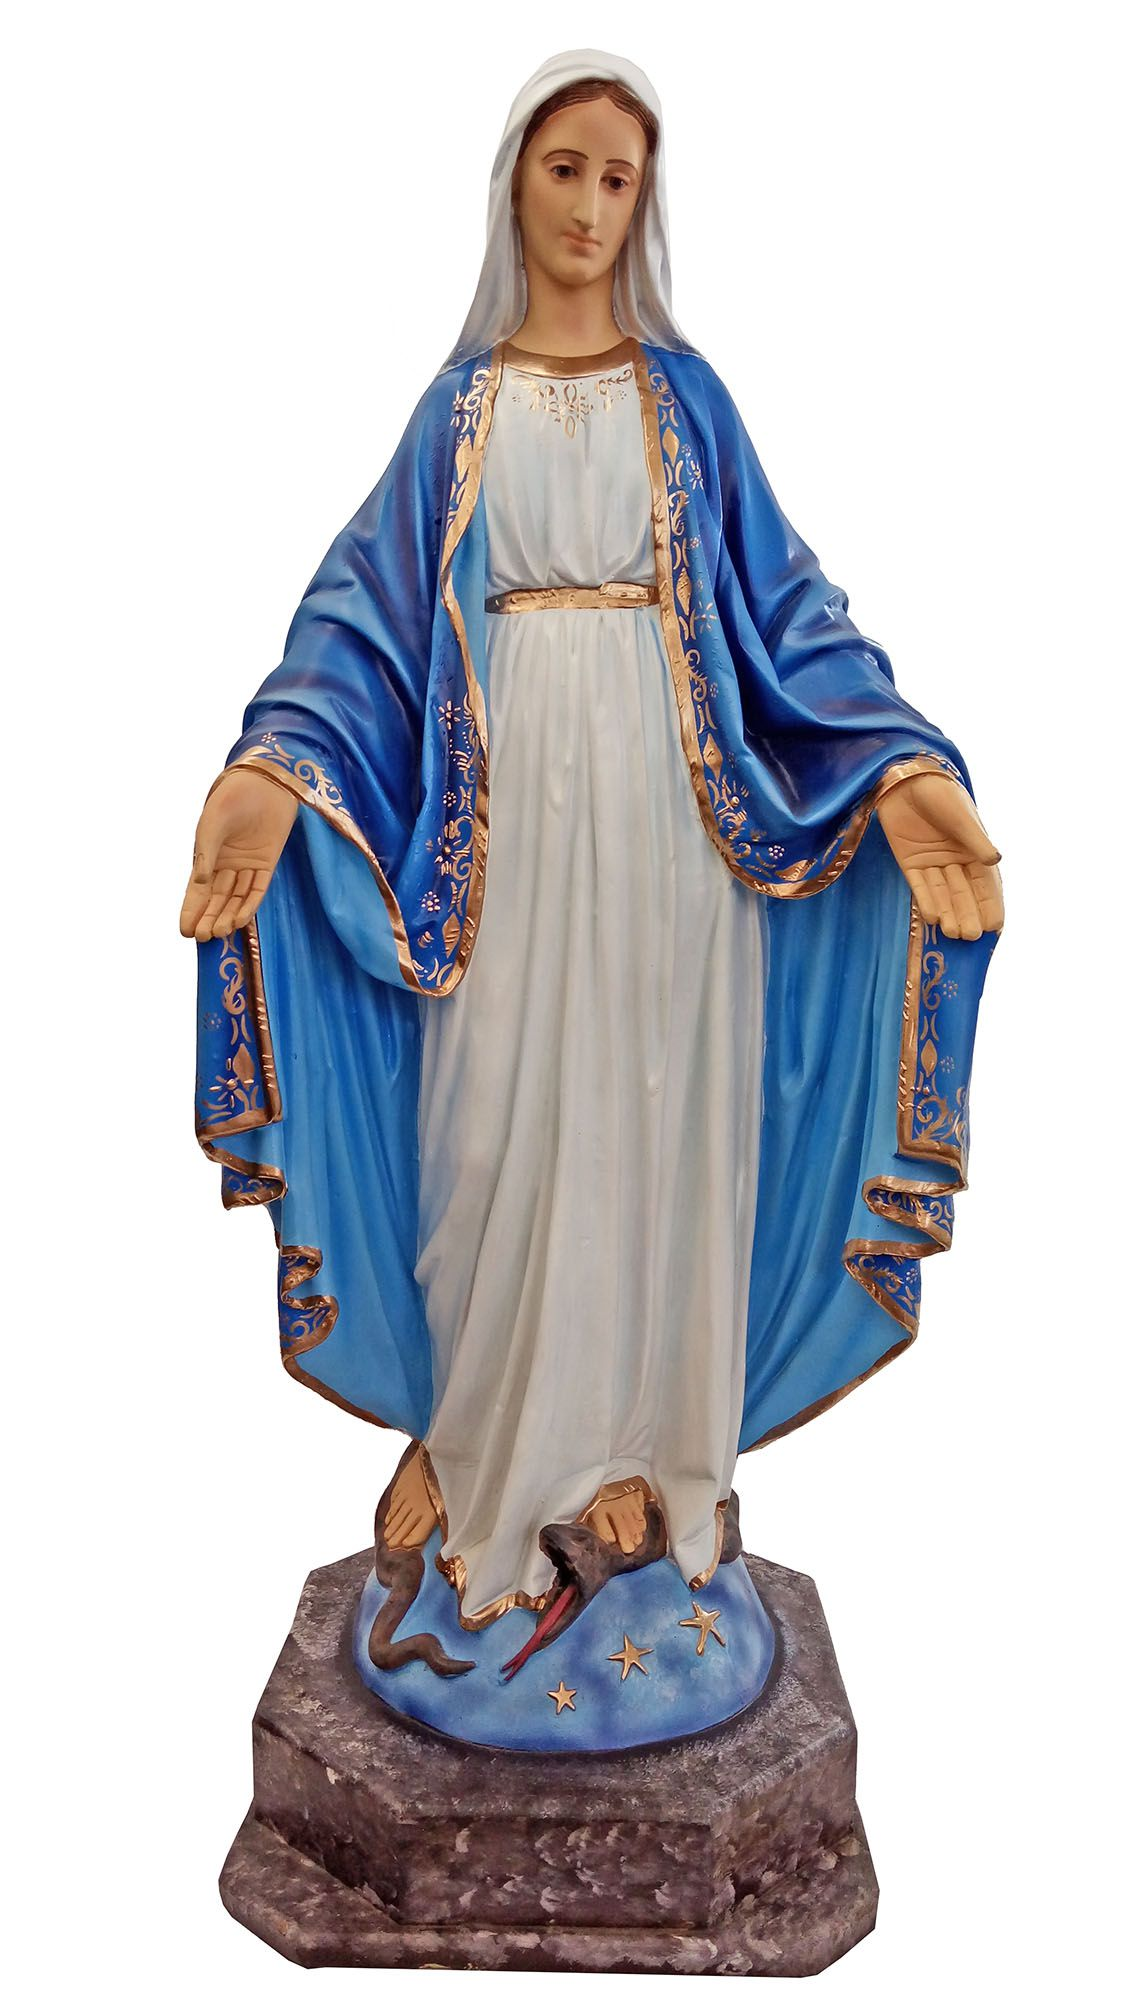 Nossa Senhora das Graças - 106 cm